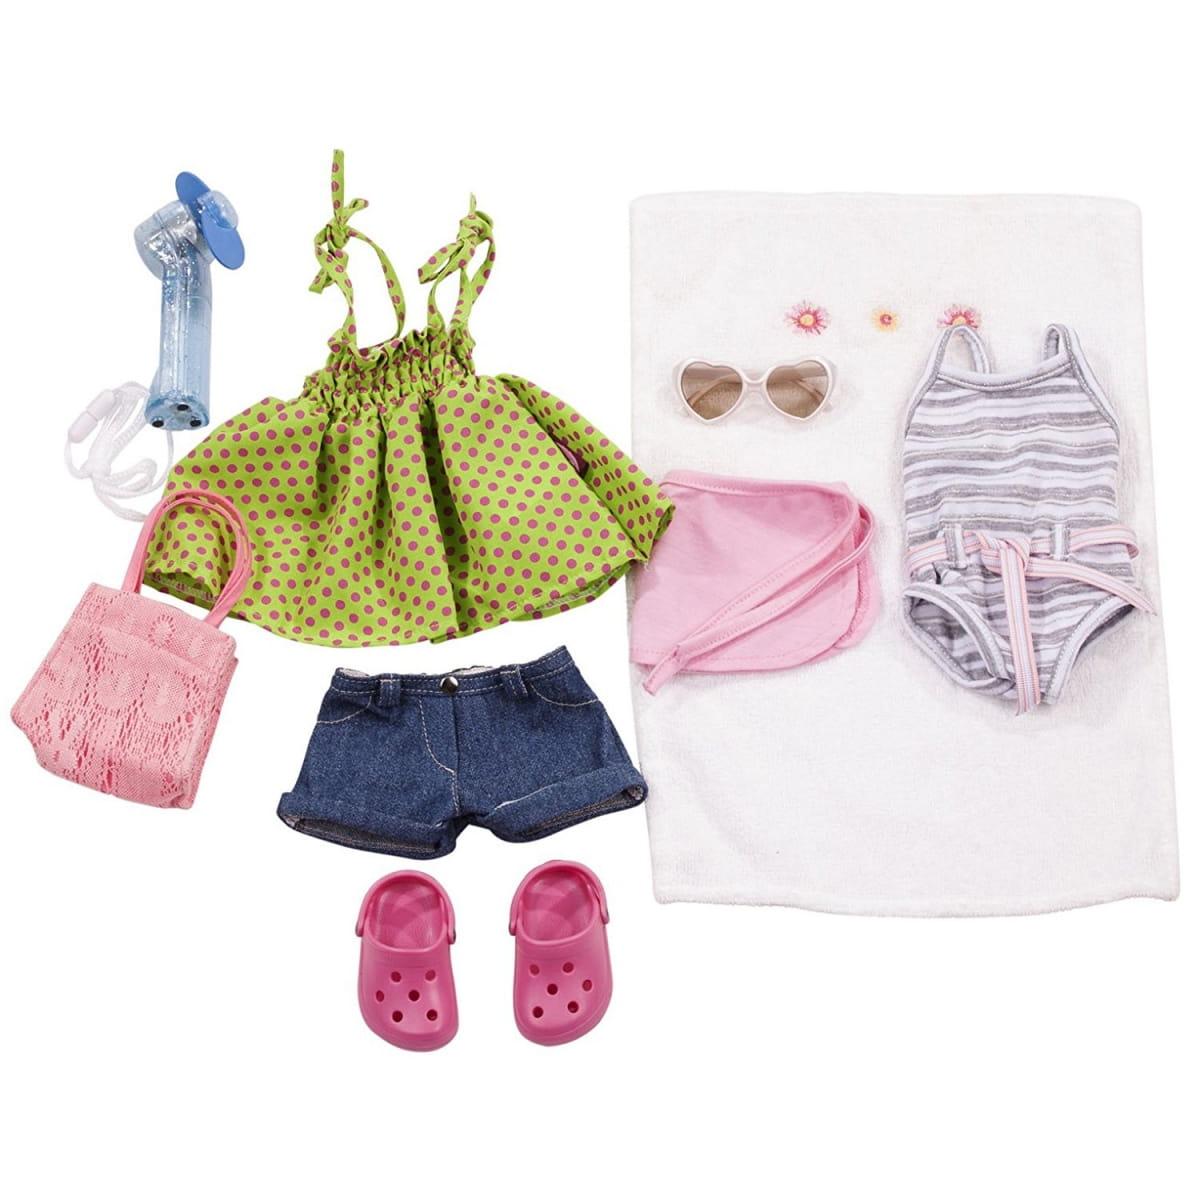 Летняя одежда для кукол Gotz с аксессуарами - 10 предметов (46-50 см)